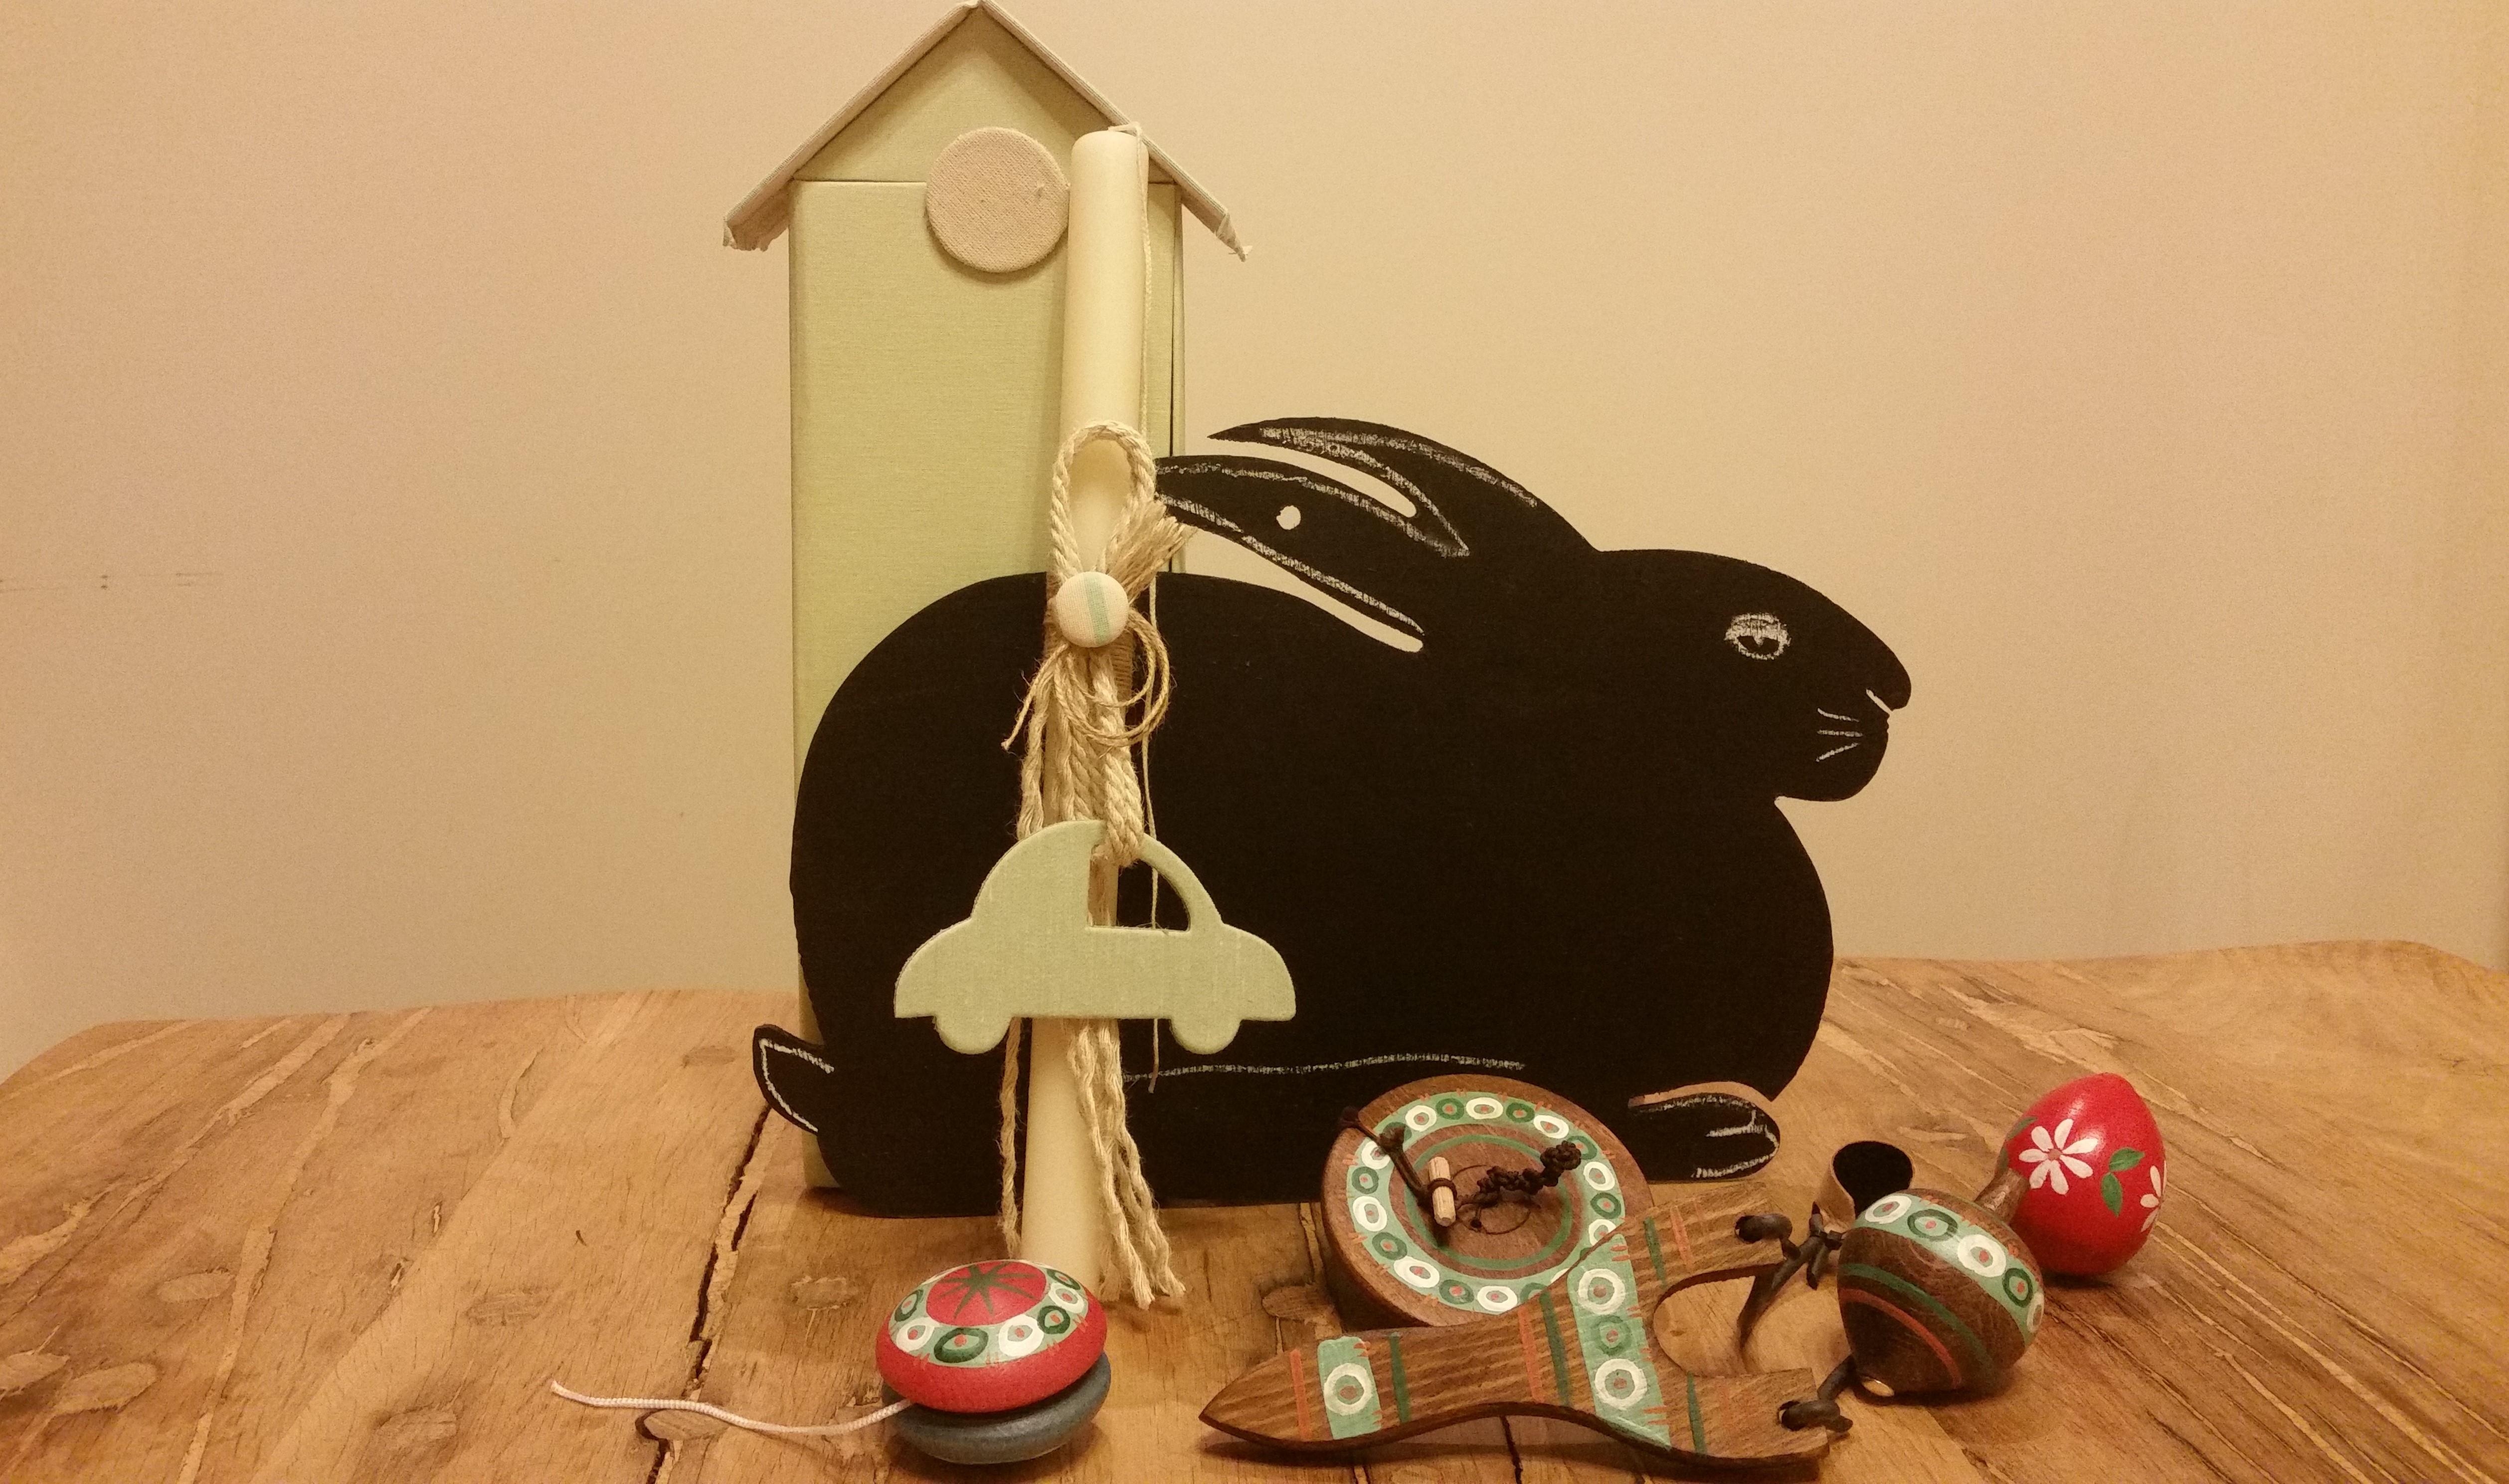 """Πρόταση για δώρο για αγόρια: μεγάλη λαμπάδα με αυτοκίνητο στο """"λαμπαδόσπιτο"""" της, παραδοσιακά παιχνίδια (γιο-γιο, κουμπί, σβούρα, σφεντόνα), ξύλινος μαυροπίνακας σε σχήμα κουνελιού, ξύλινο ζωγραφιστό αυγό."""